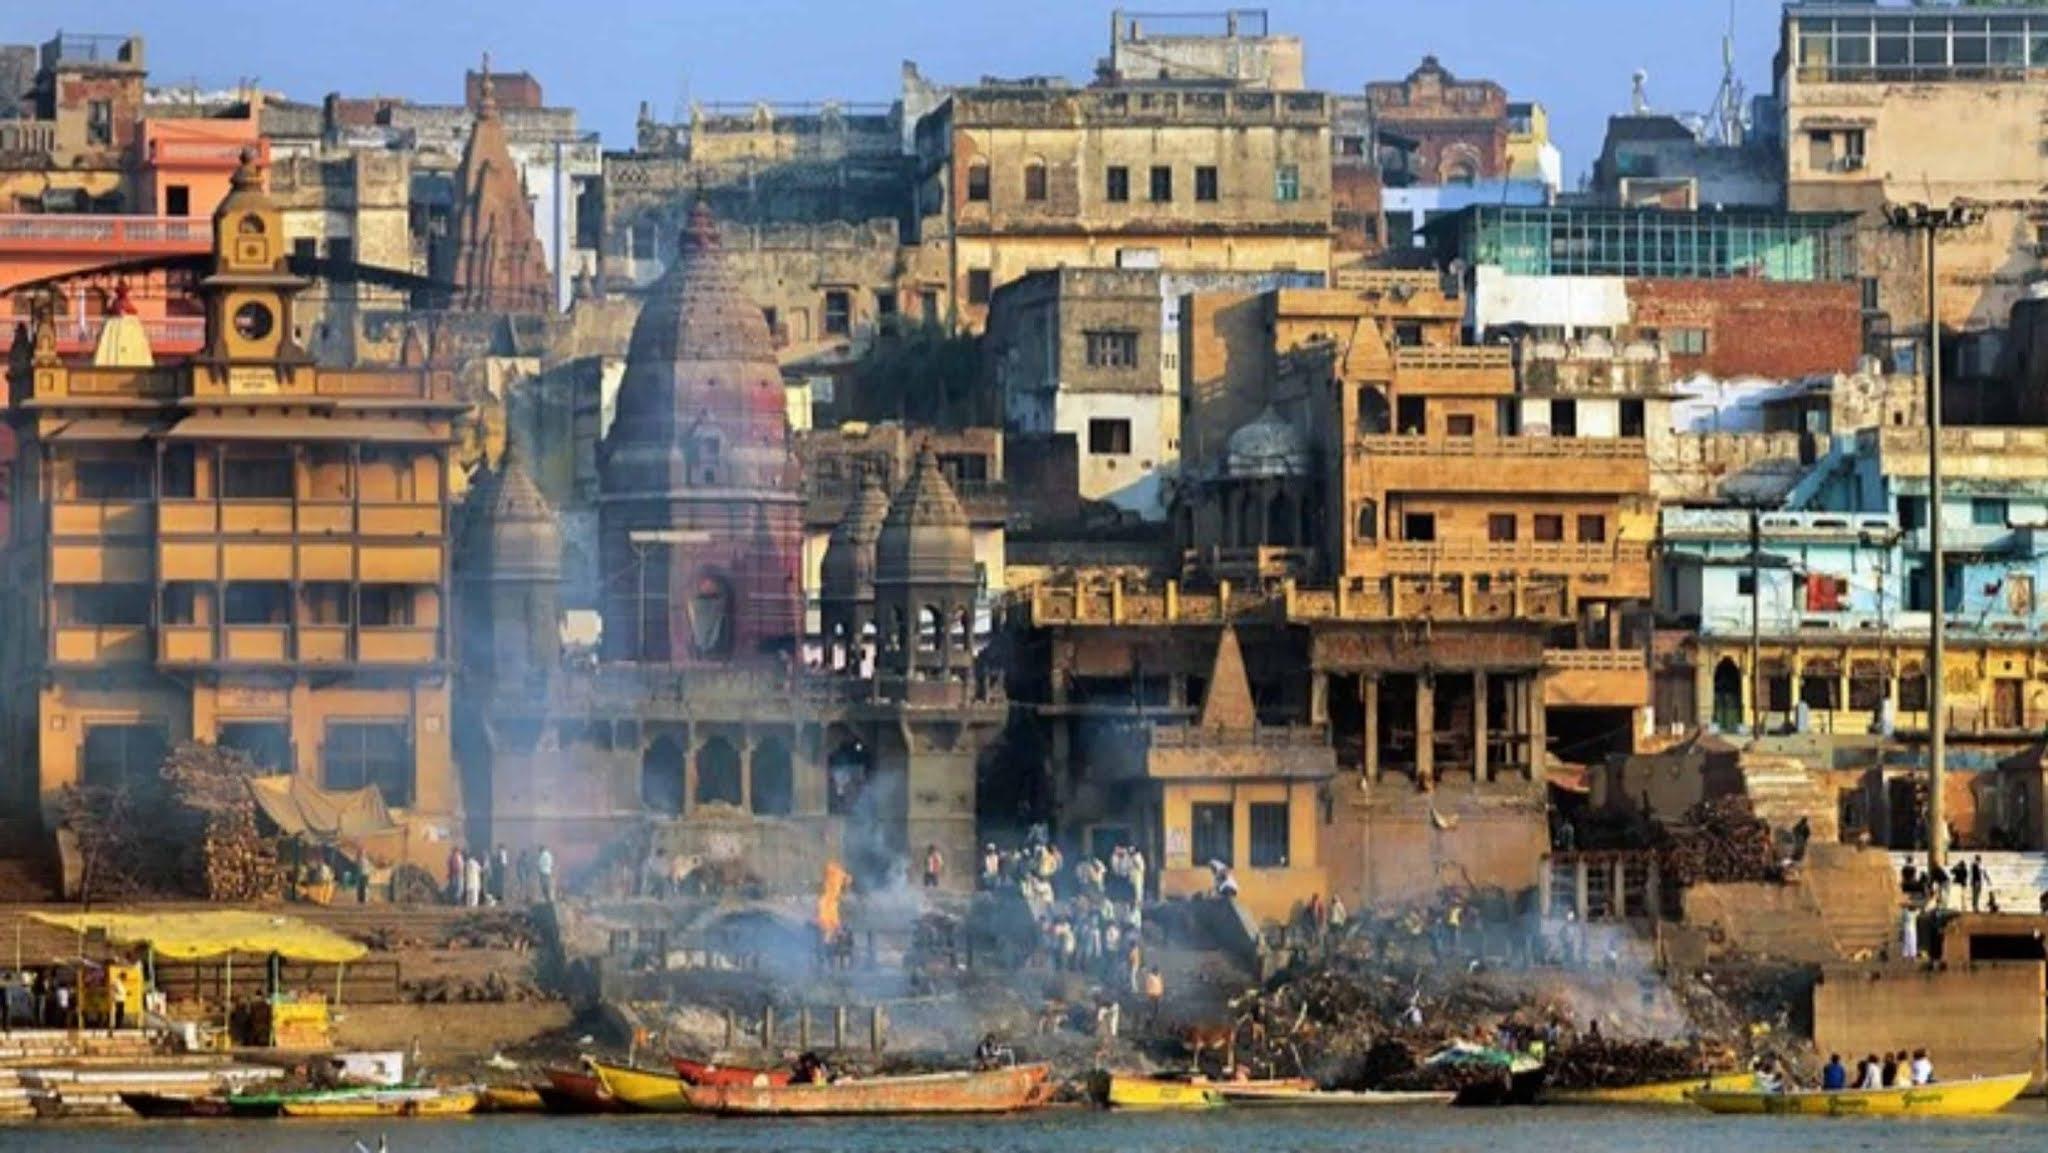 Manikarnika Ghat kashi vishvanath